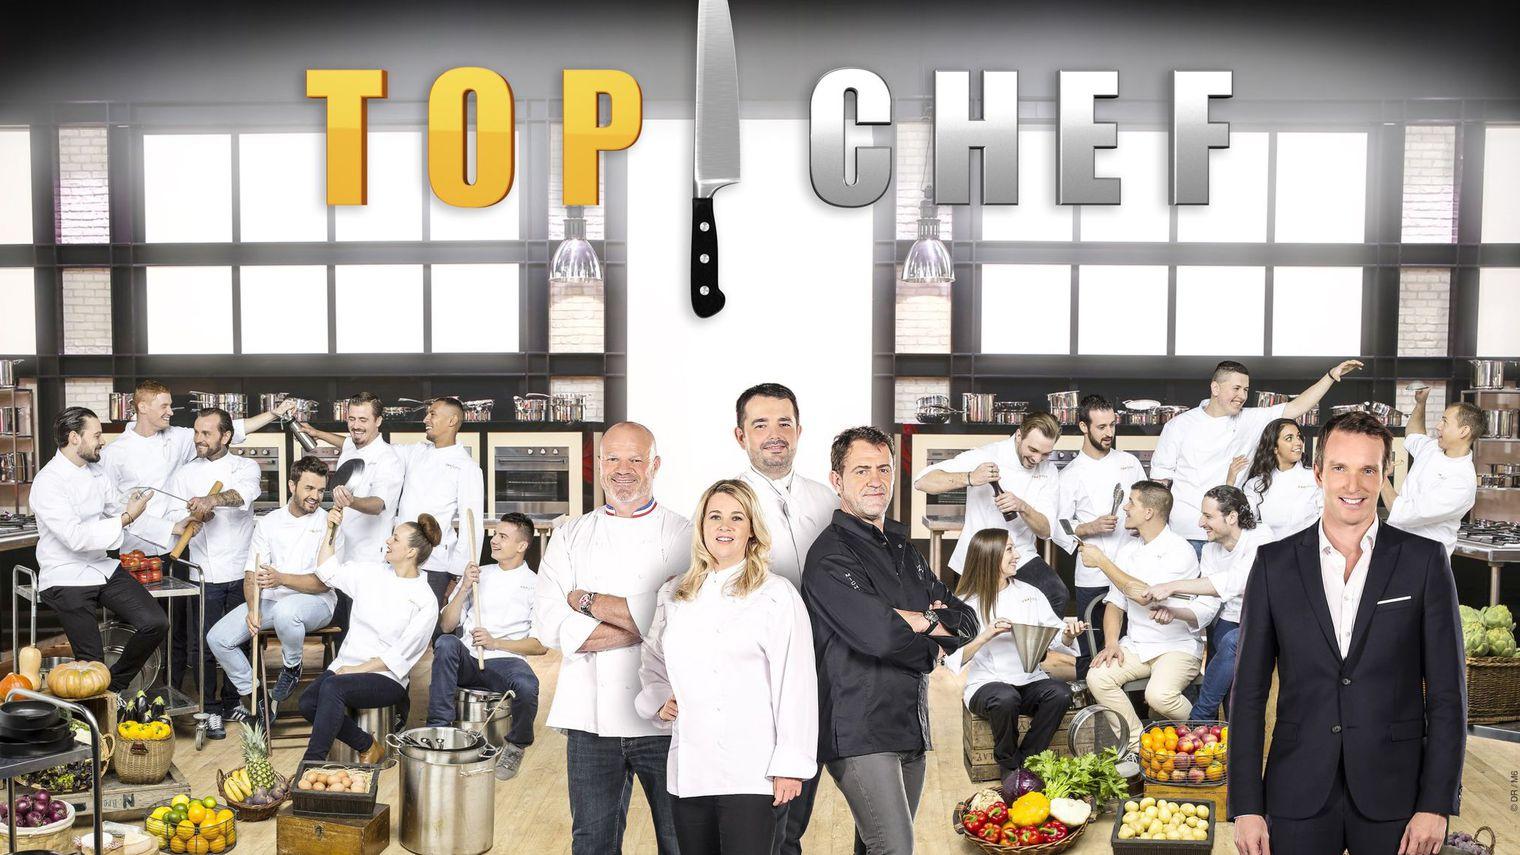 top-chef-2016-saison-7-photo-de-groupe_5493046